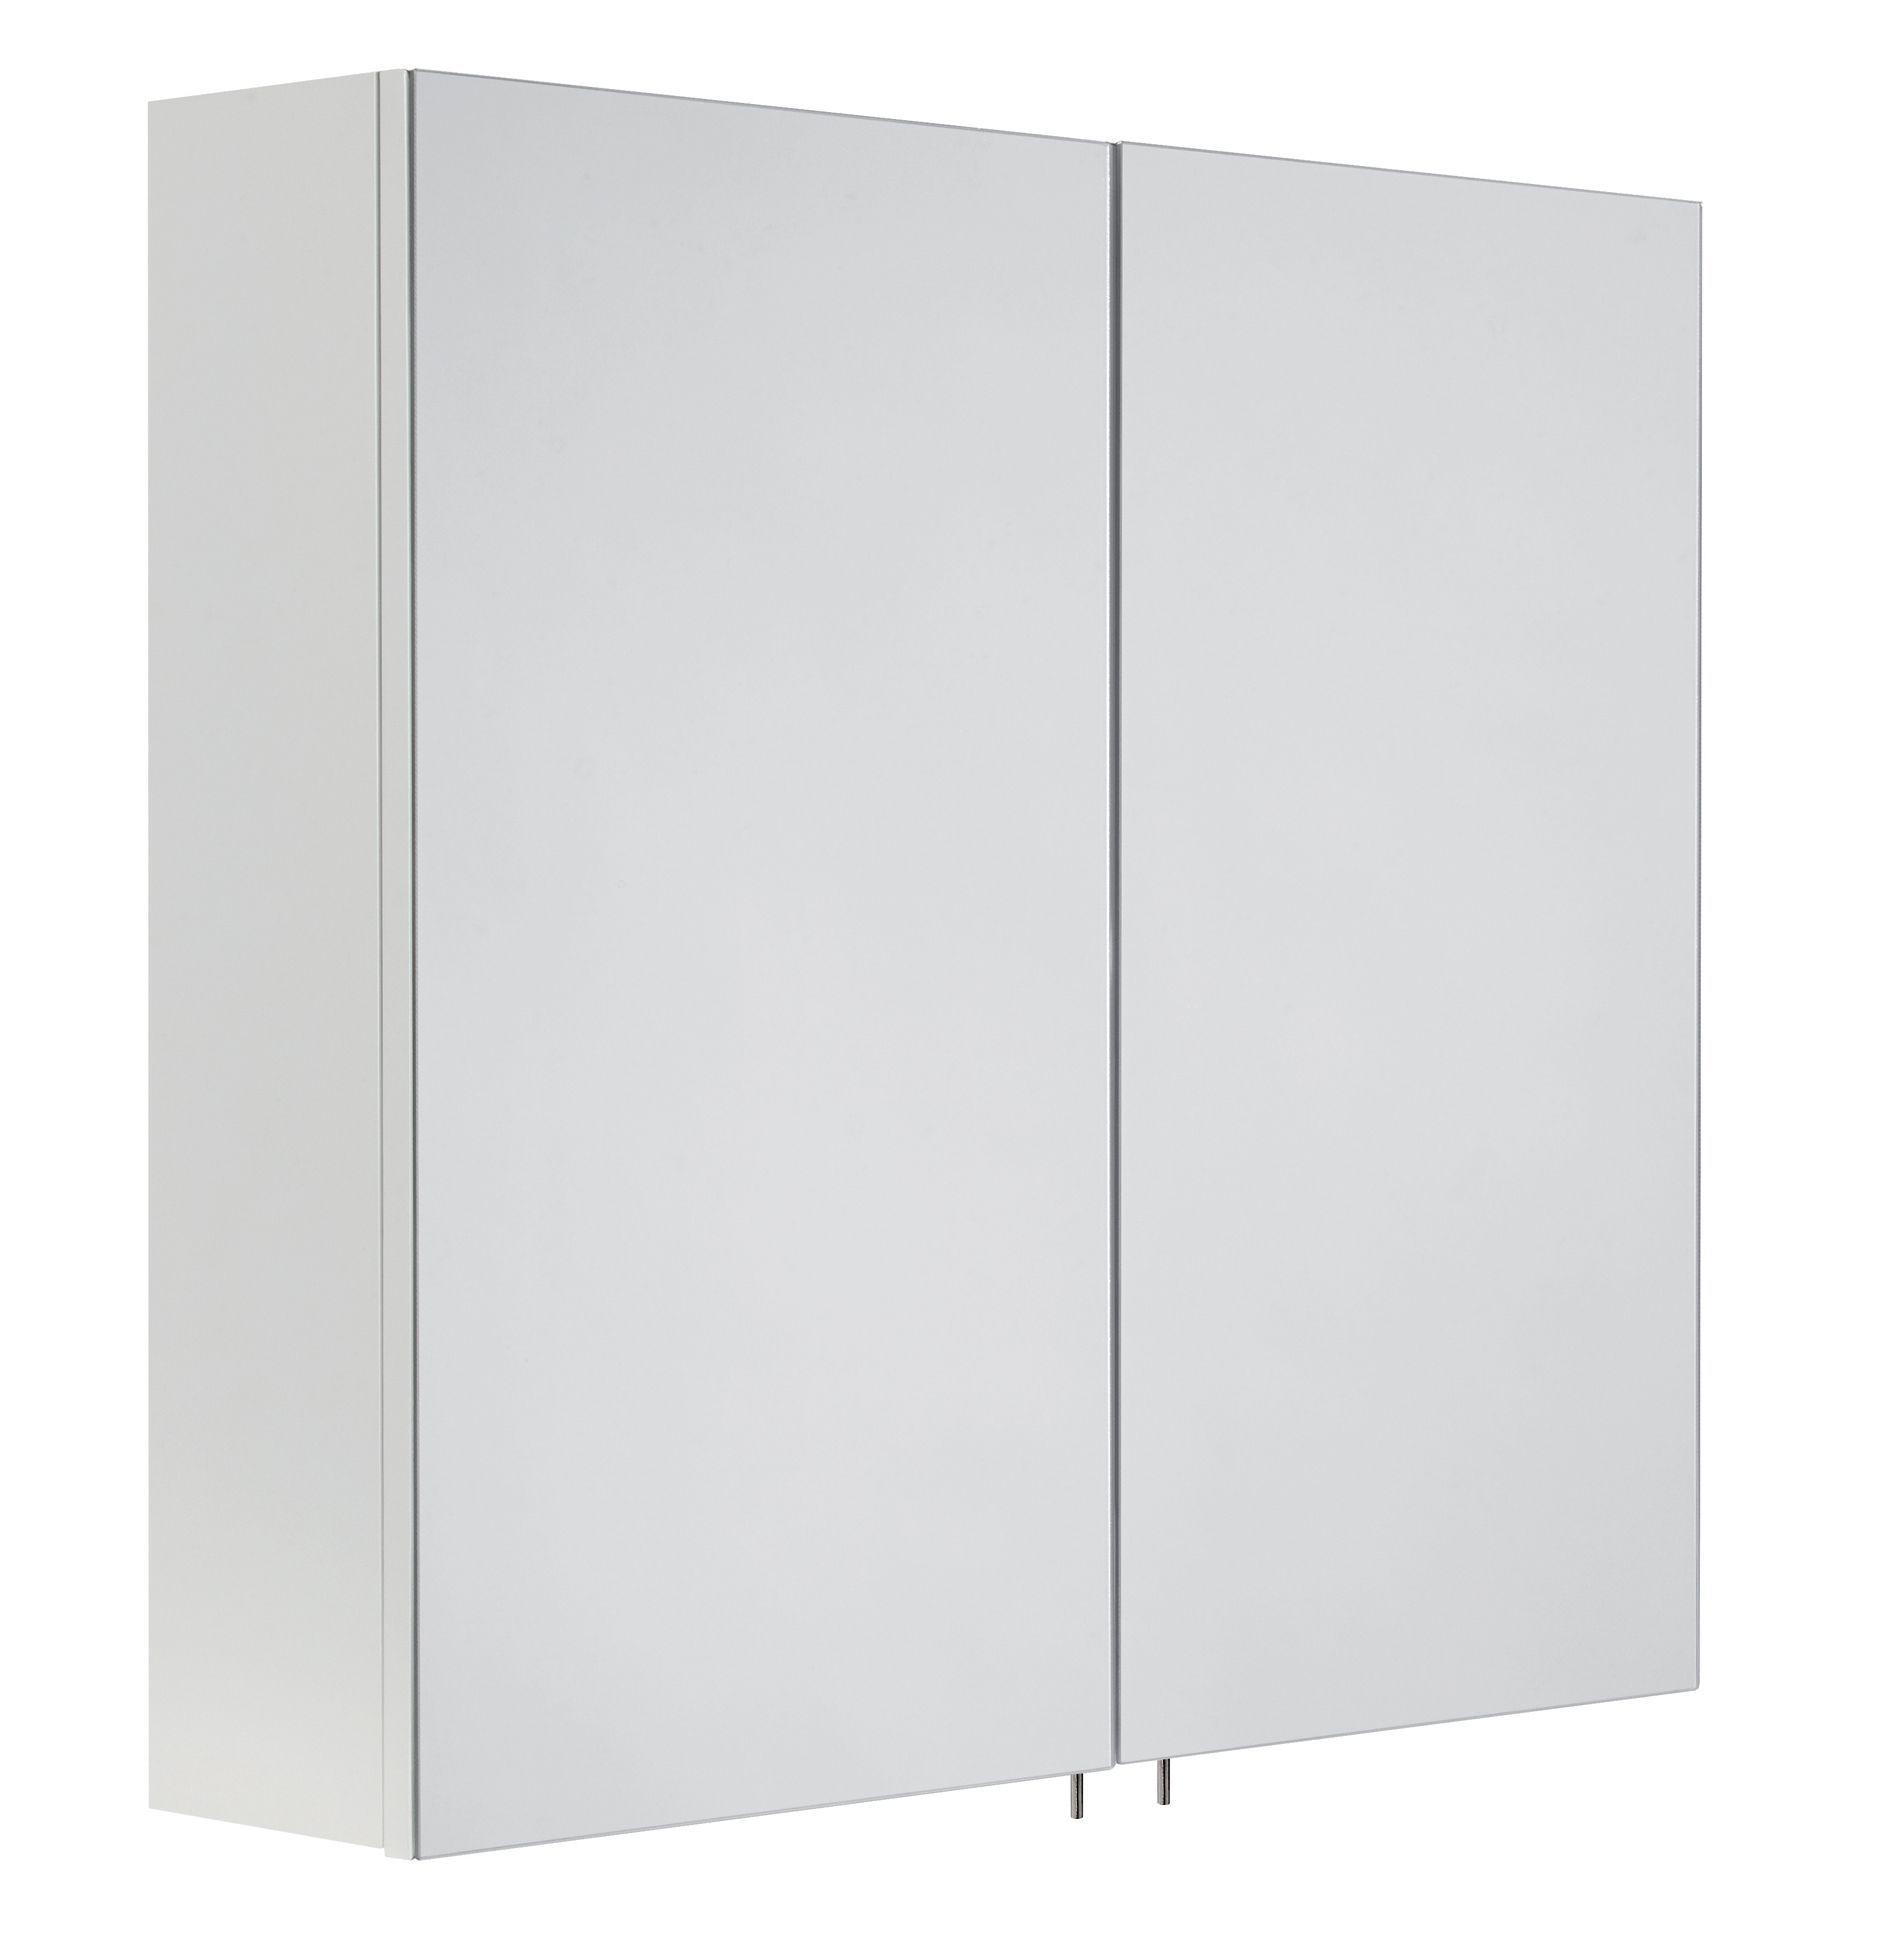 Varese White Double Door Mirror Cabinet